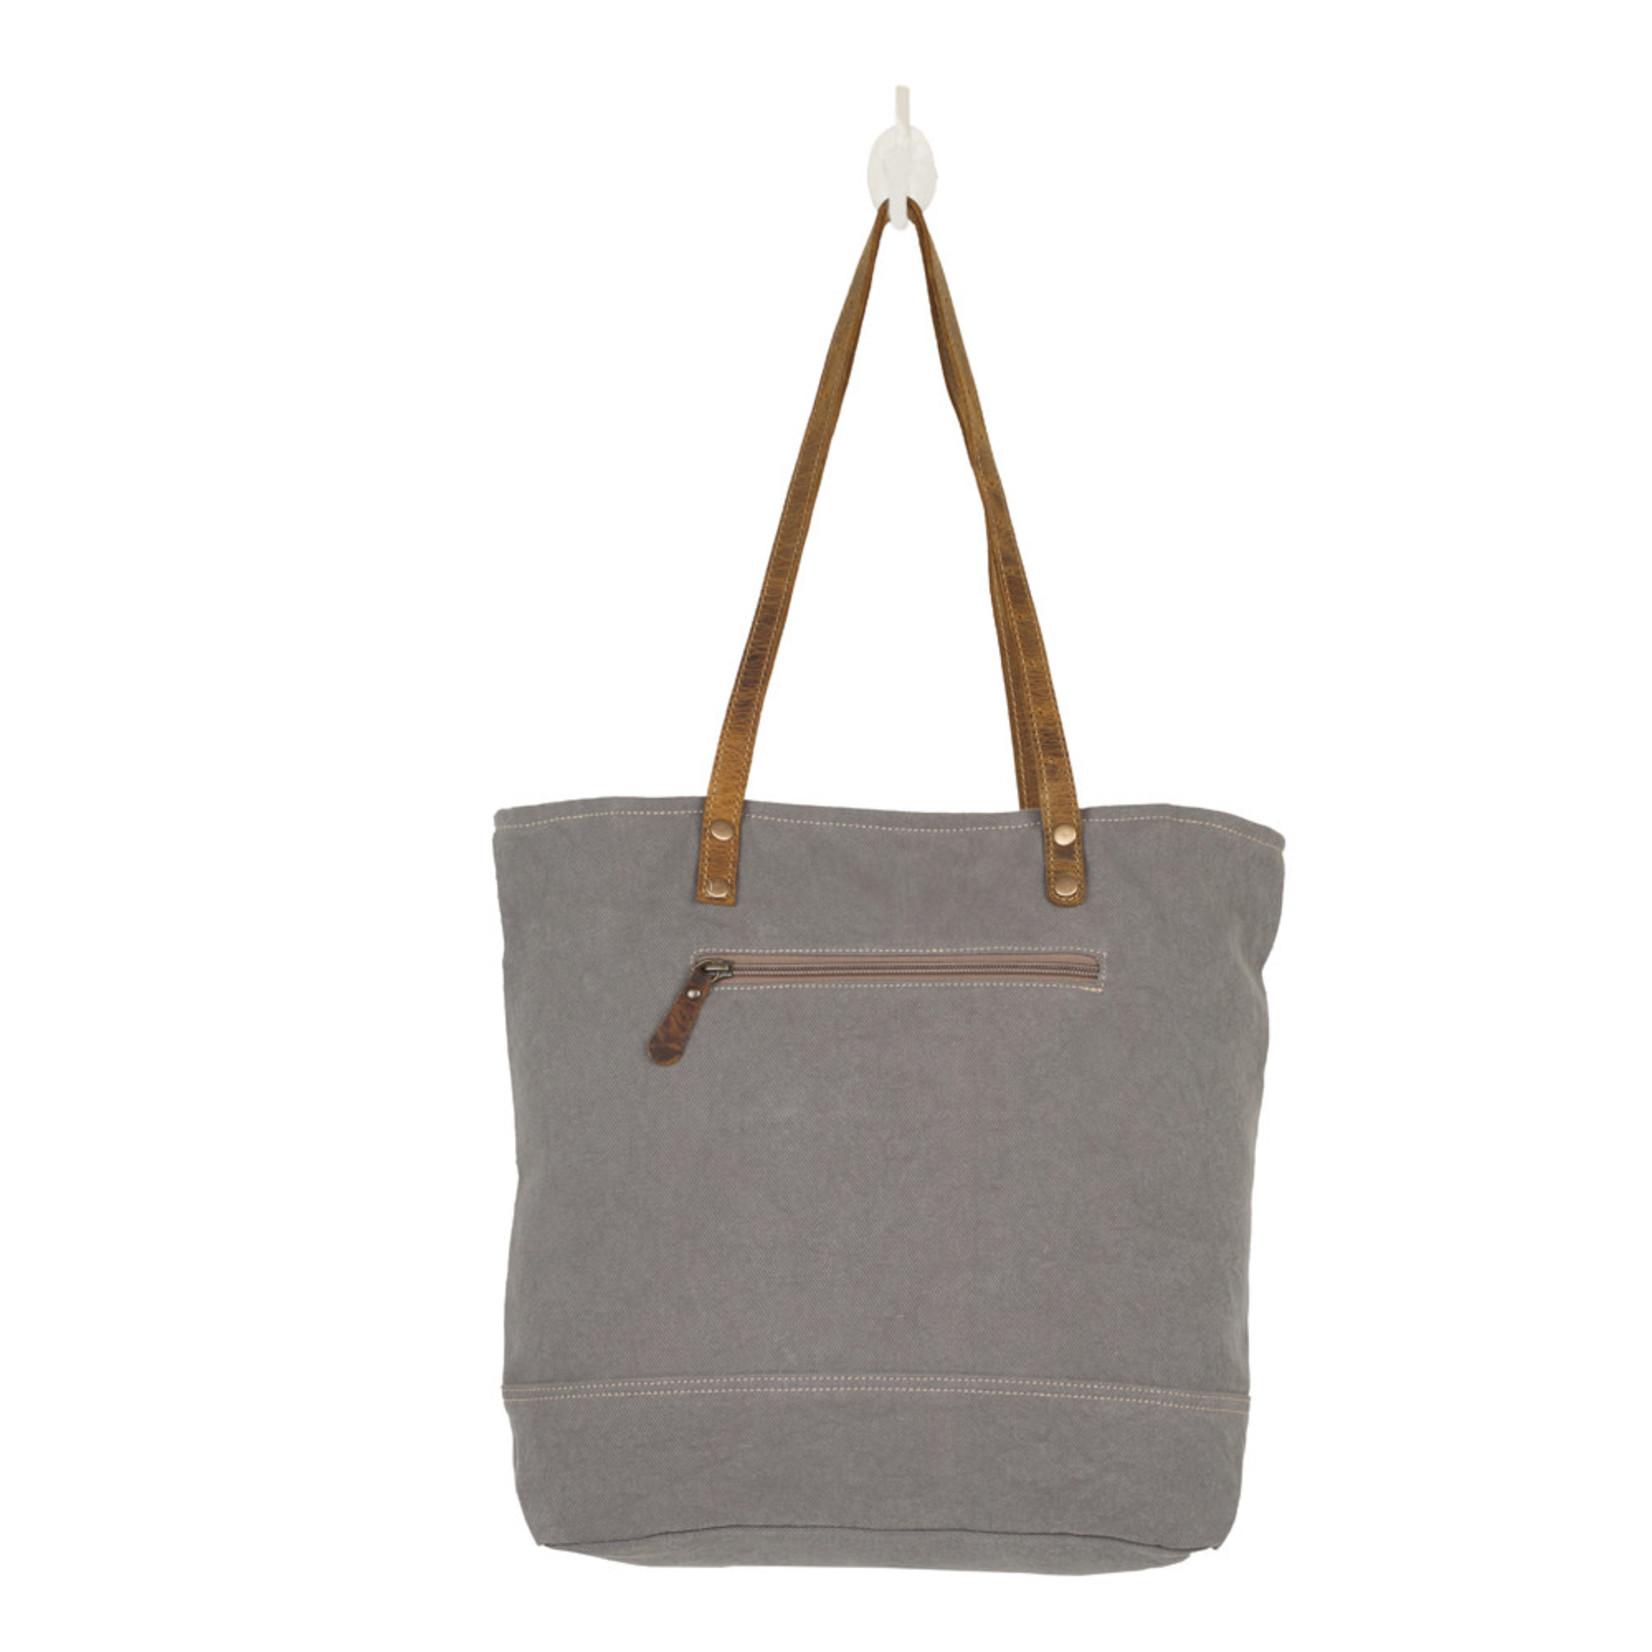 Myra Bags S-2548 Dancer Tote Bag